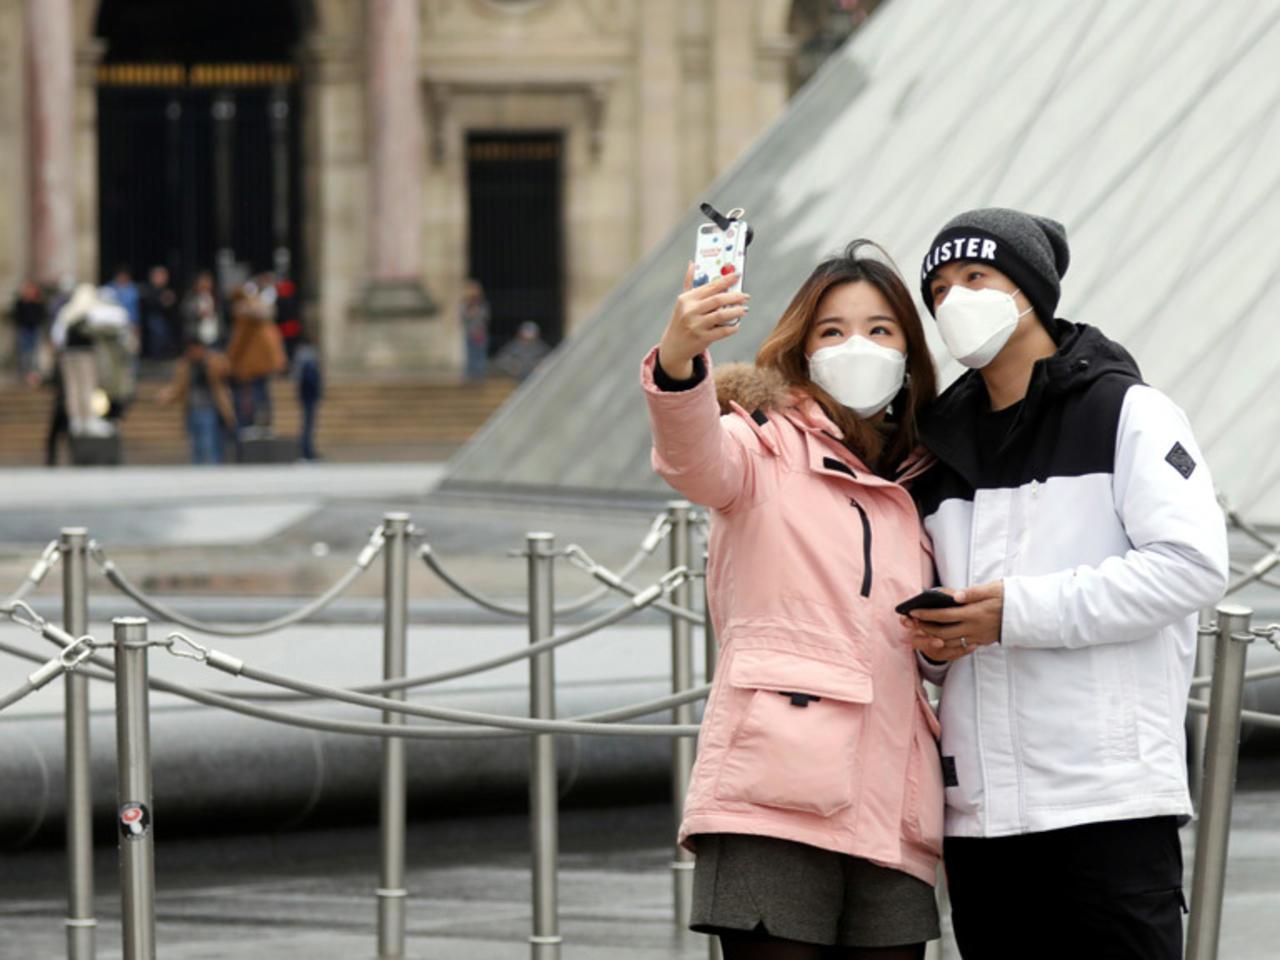 فيروس كورونا وهاتفك ونقودك.. أنباء غير مطمئنة بالمرة